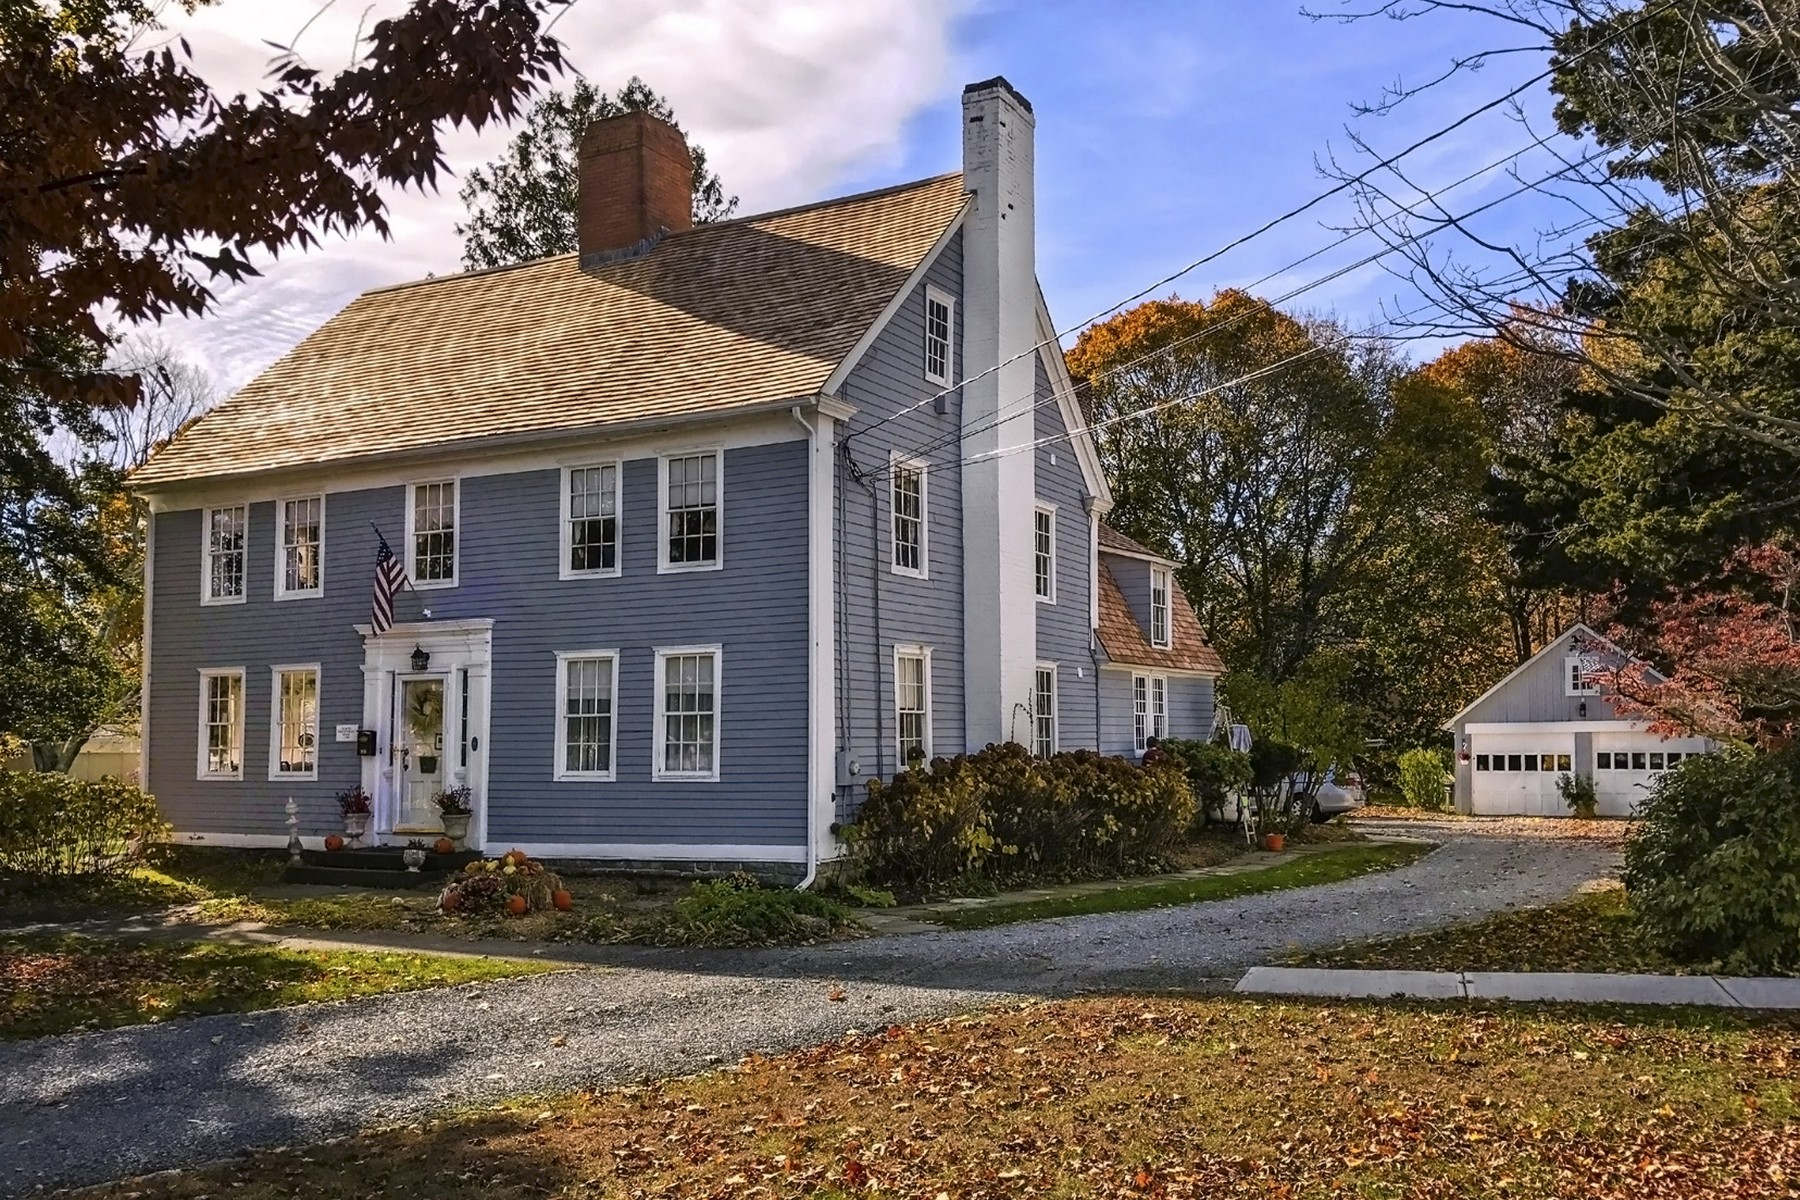 Maison unifamiliale pour l Vente à The Deacon Timothy Pratt Inn c.1746 325 Main St Old Saybrook, Connecticut, 06475 États-Unis